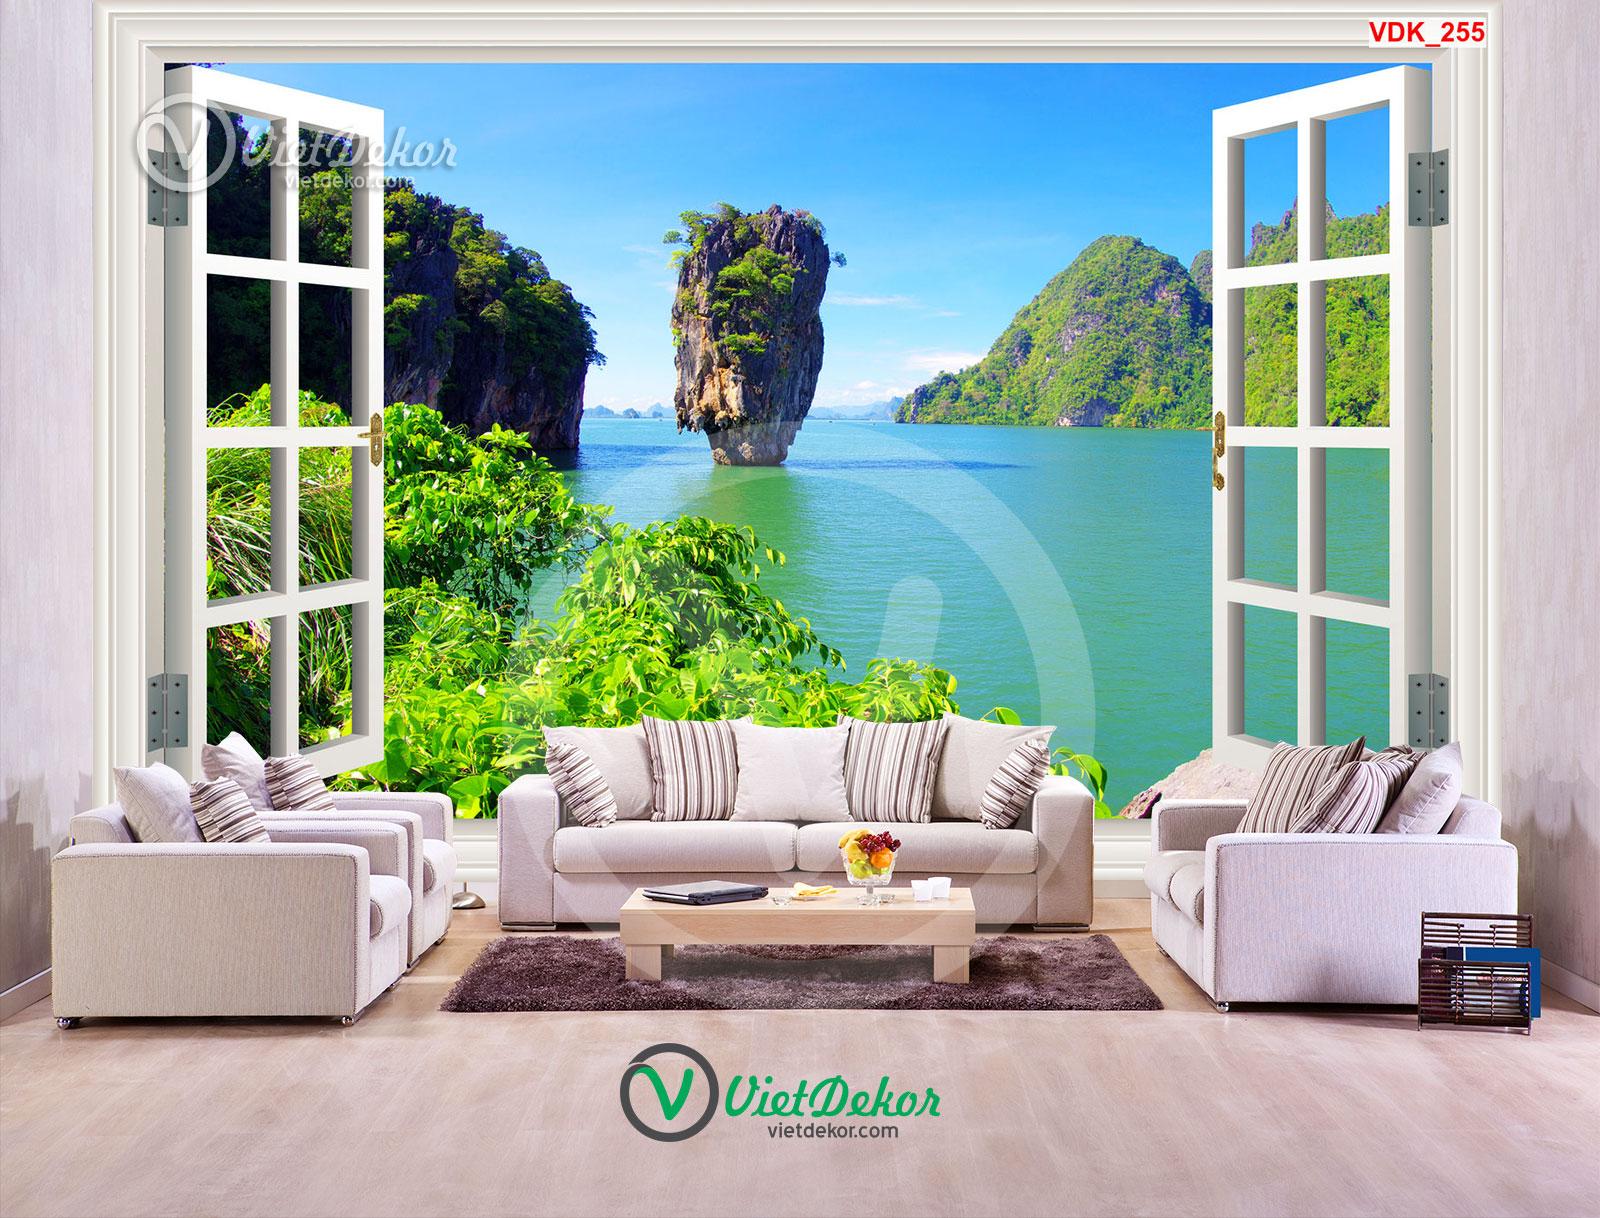 Tranh dán tường 3d cửa sổ biển và núi